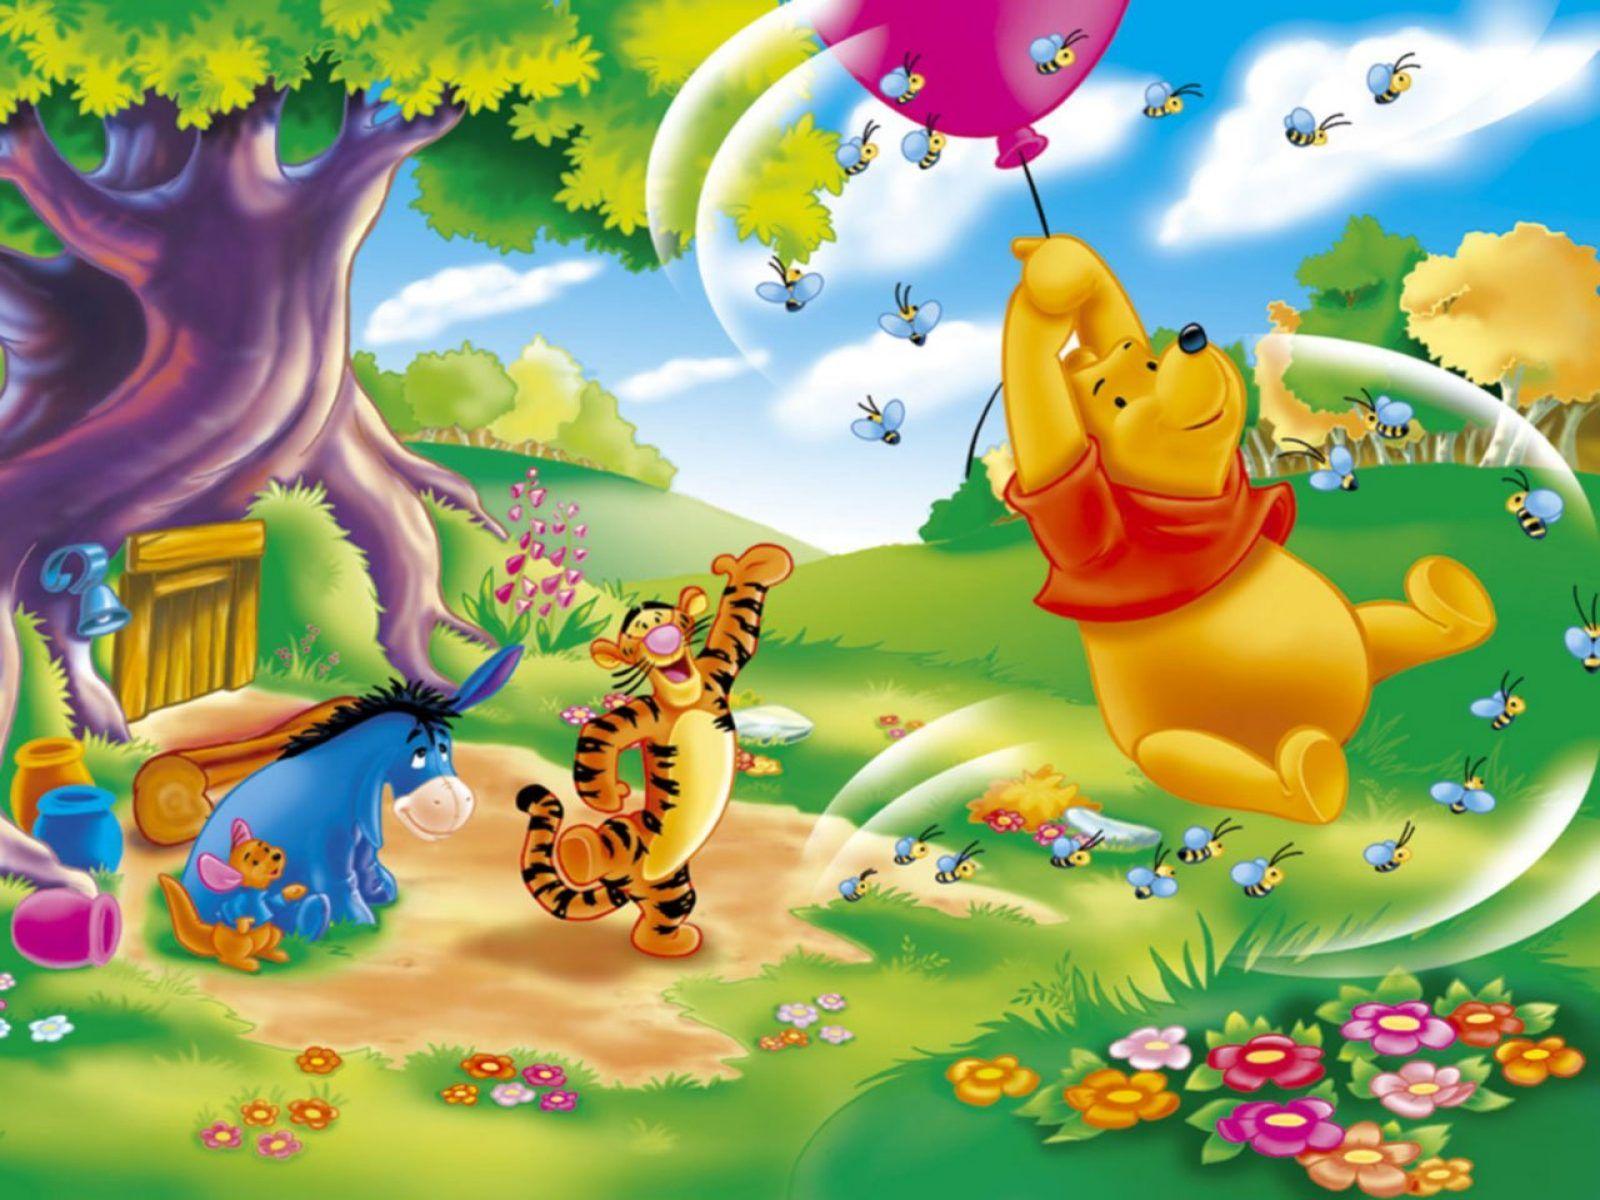 Fondo de Winnie the Pooh a resolución 1600x1200. Fondo de escritorio ...